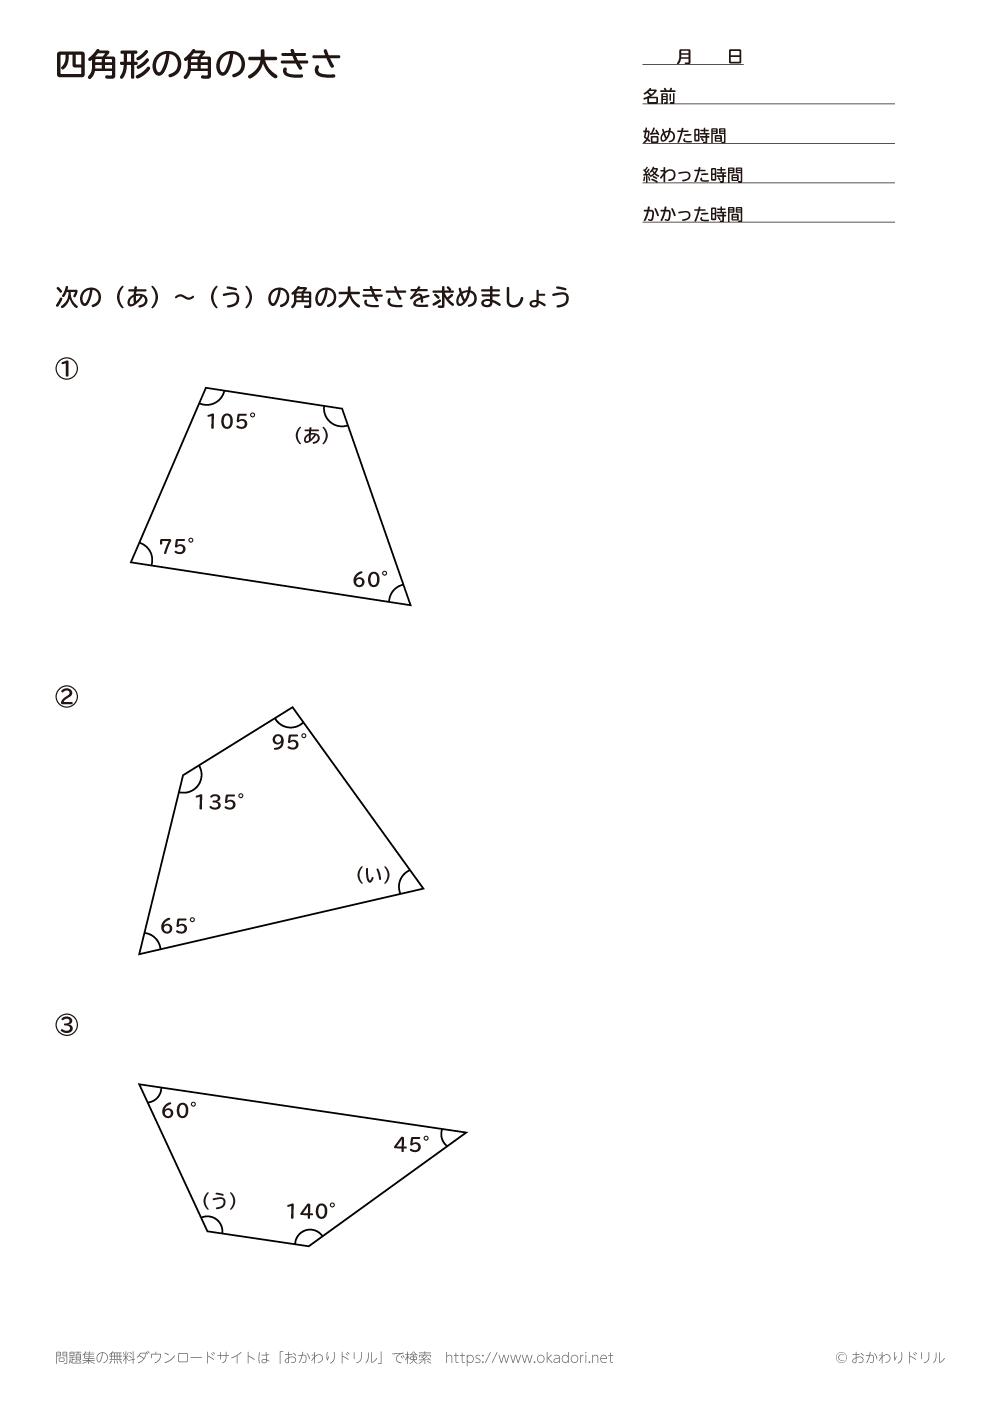 四角形の角の大きさ3